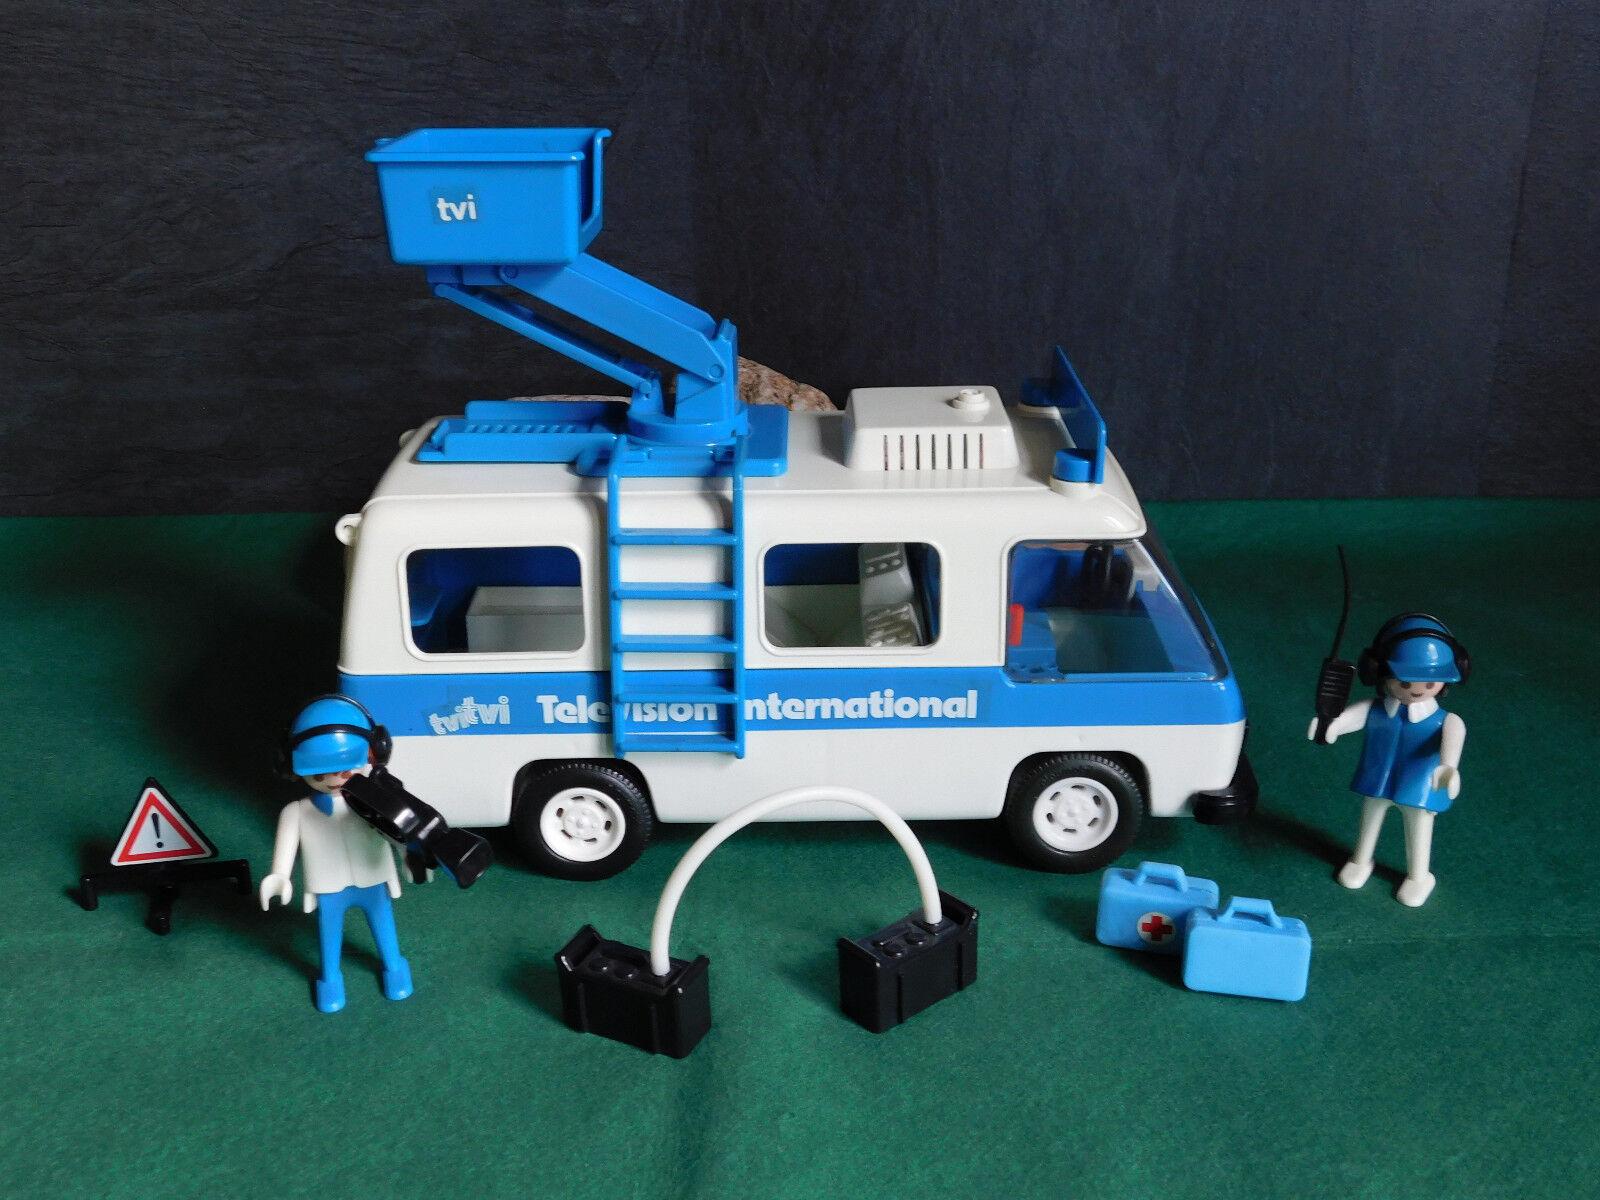 Playmobil Rarität TV-Aufnahmewagen 3530-A 1979 III ohne OVP